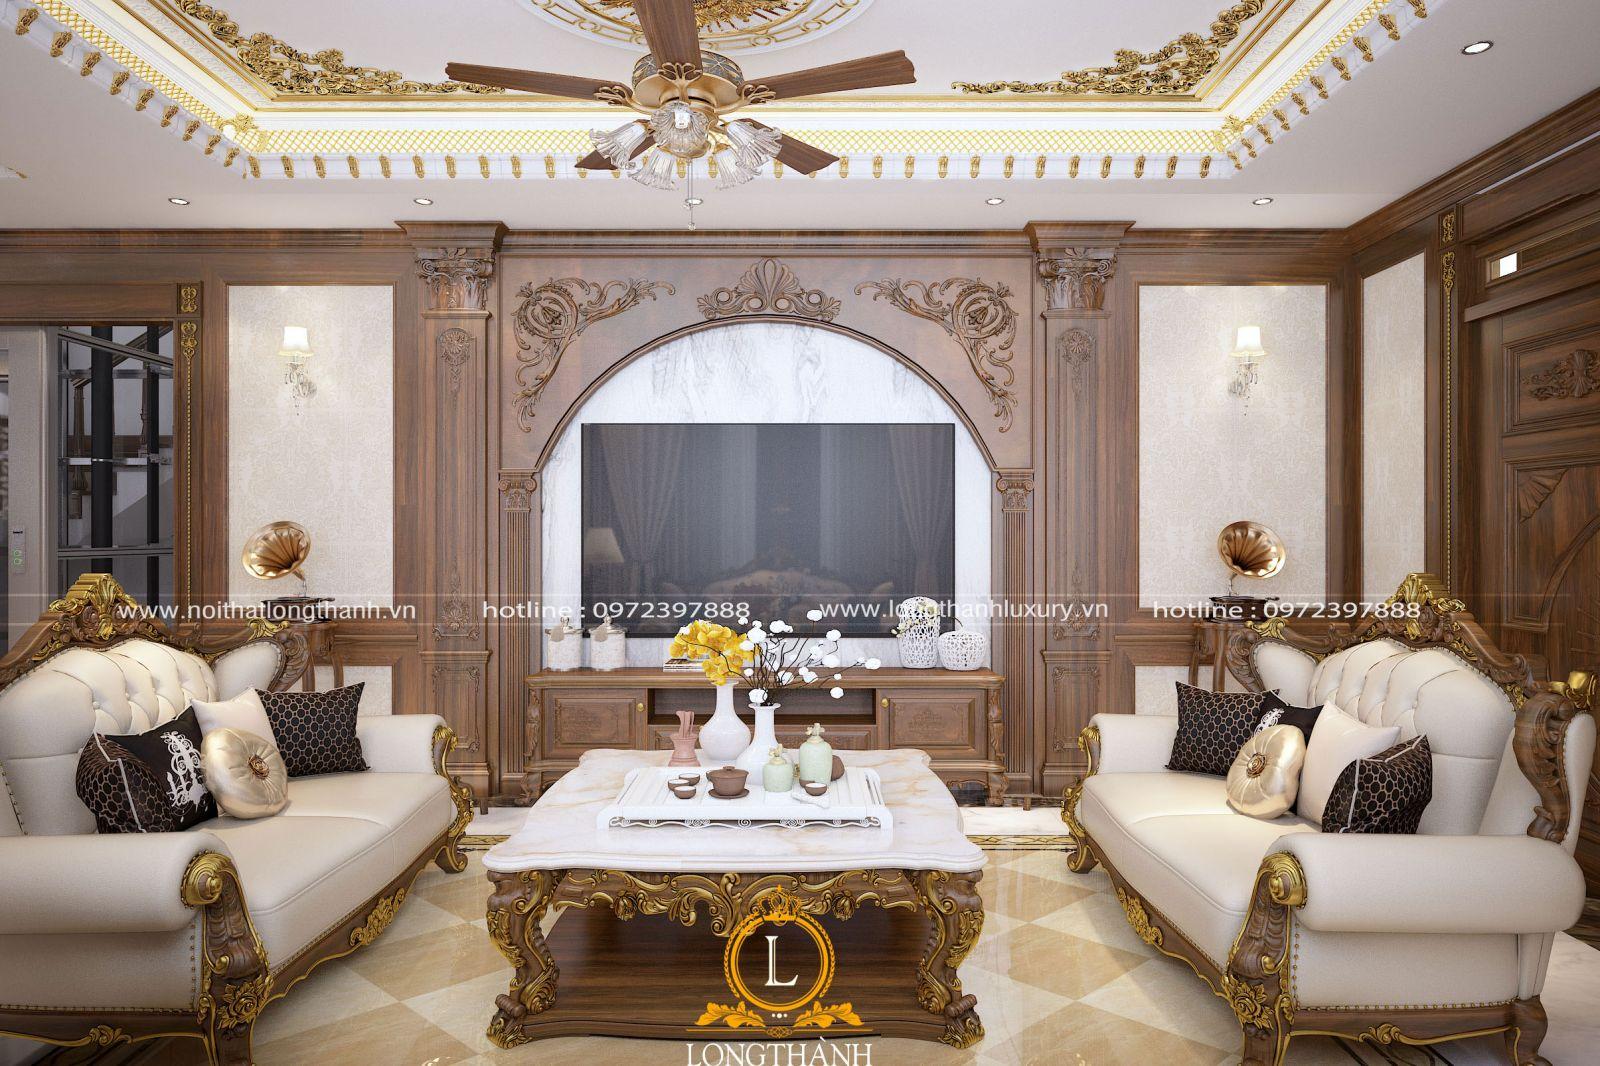 Sofa gỗ tự nhiên là sự lựa chọn hoàn hảo cho phòng khách nhà phố